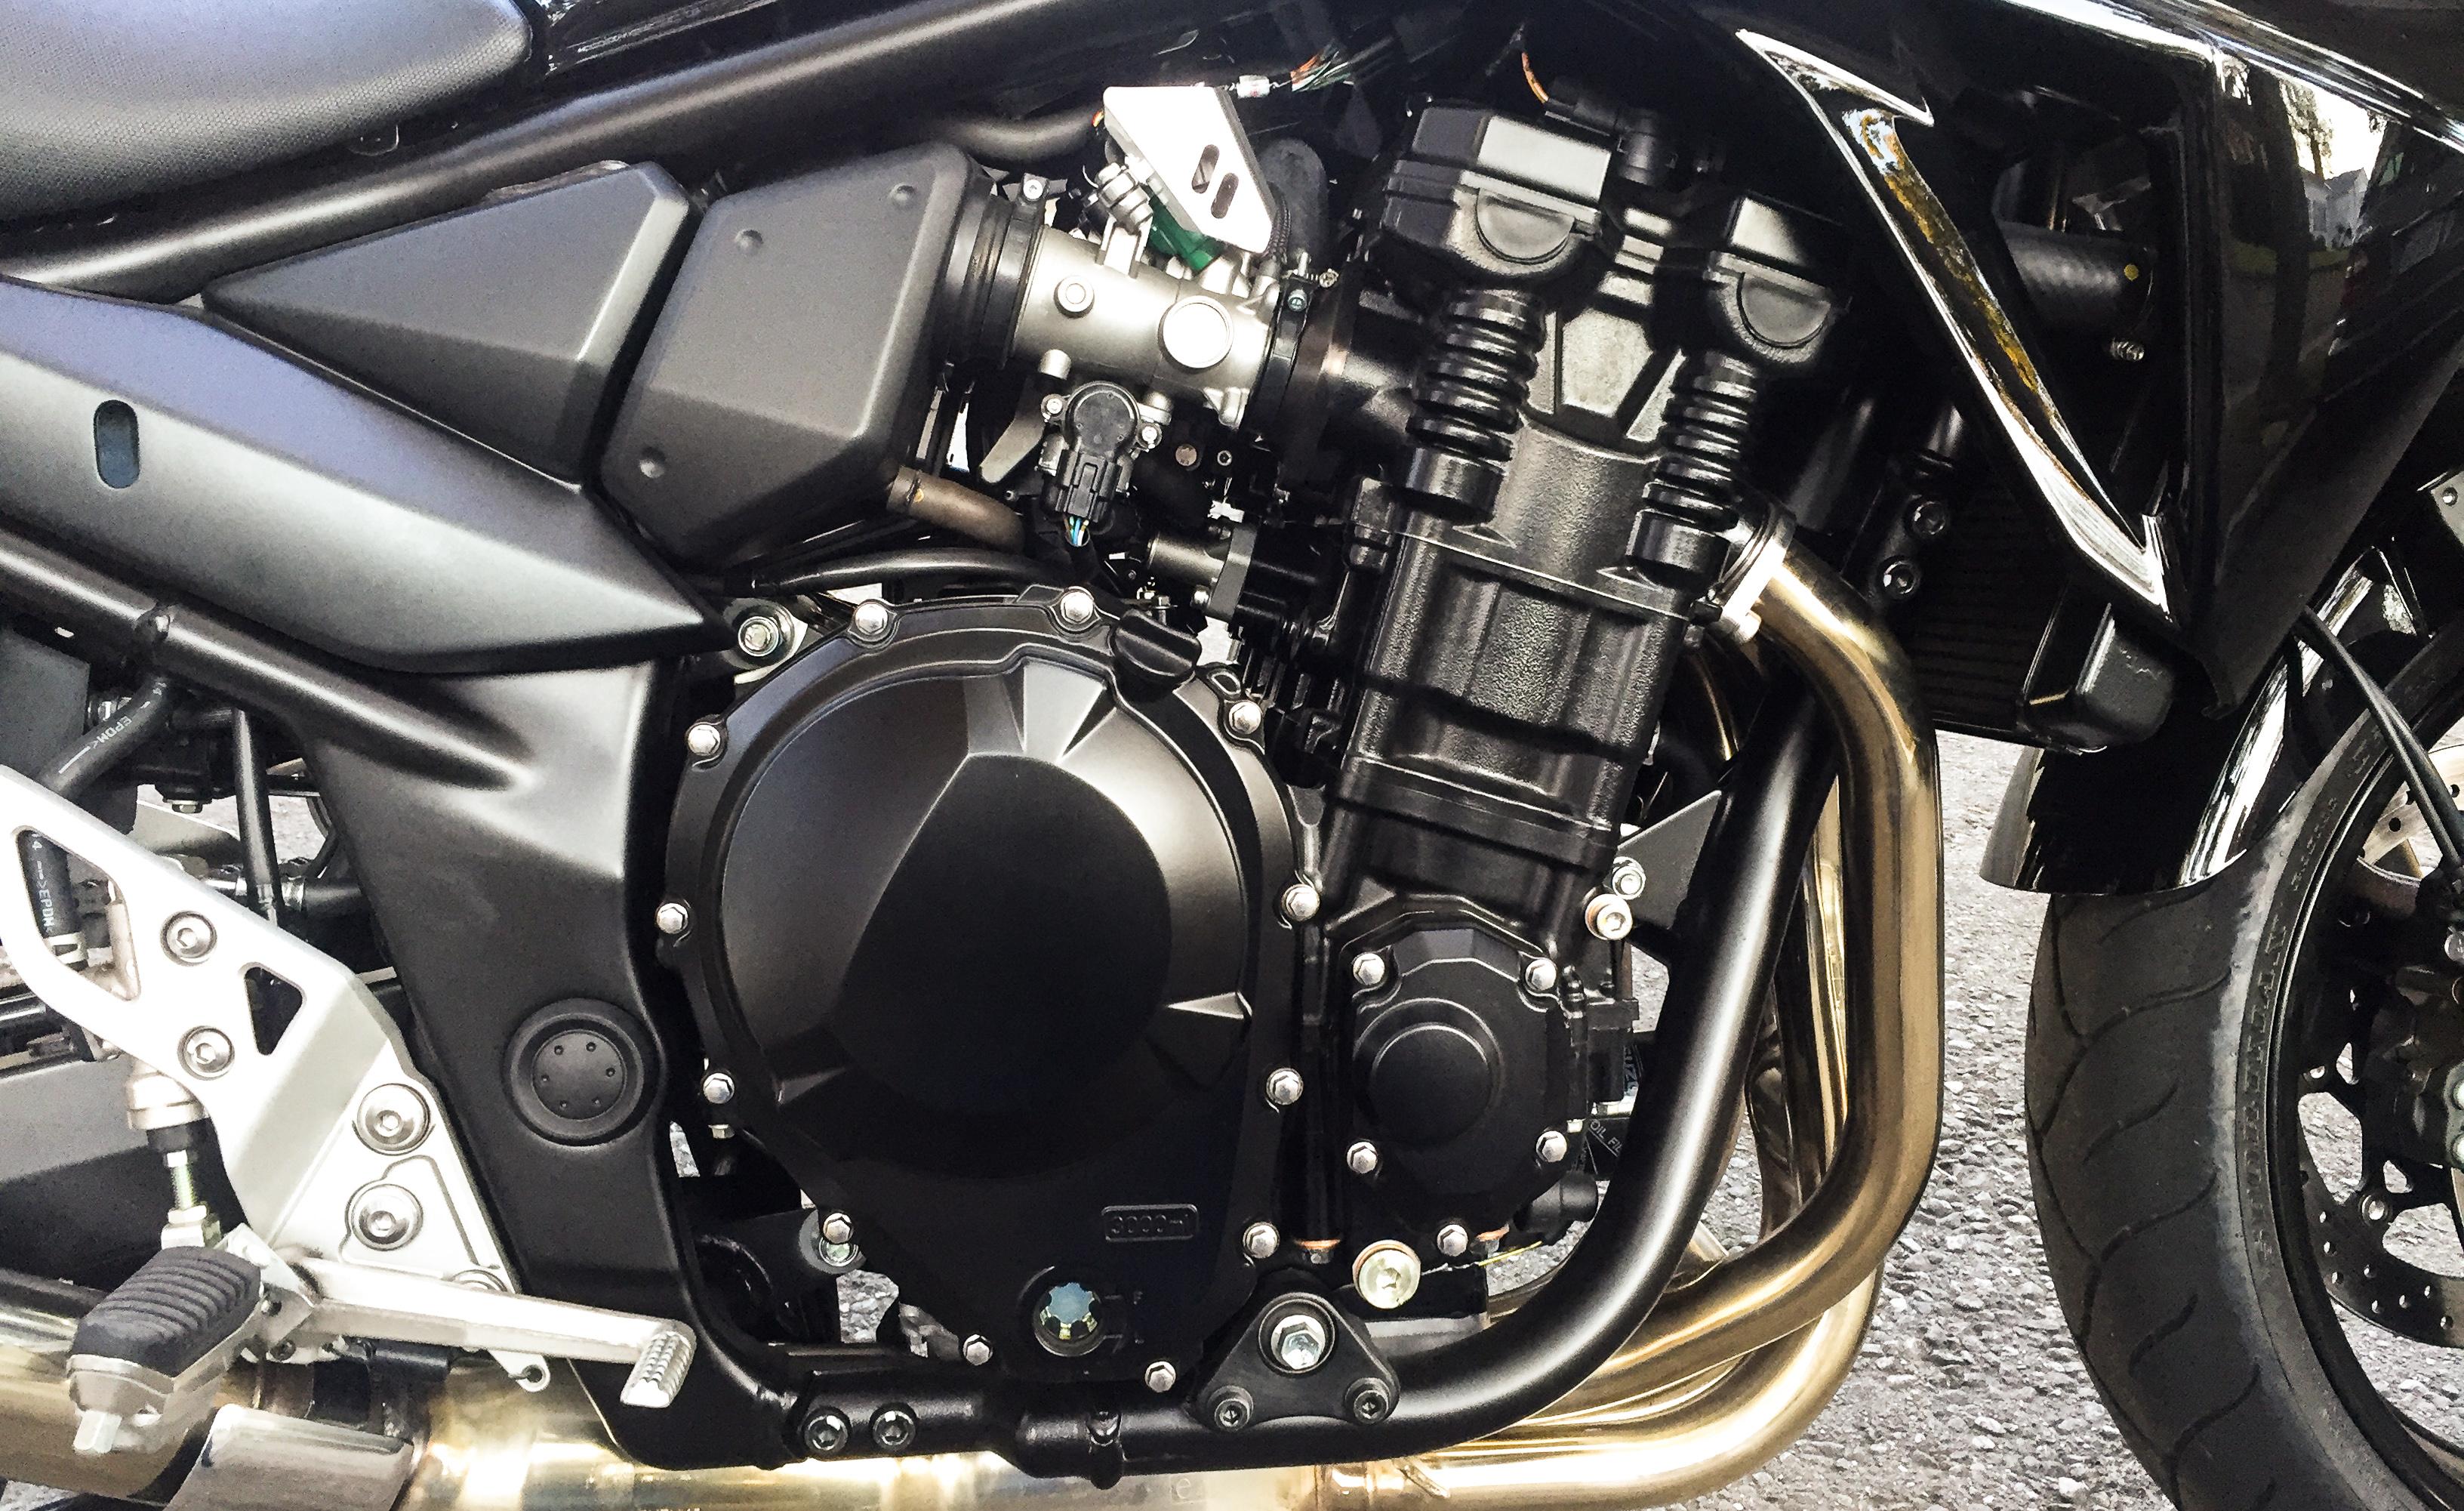 Suzuki-Bandit-1250S-6065